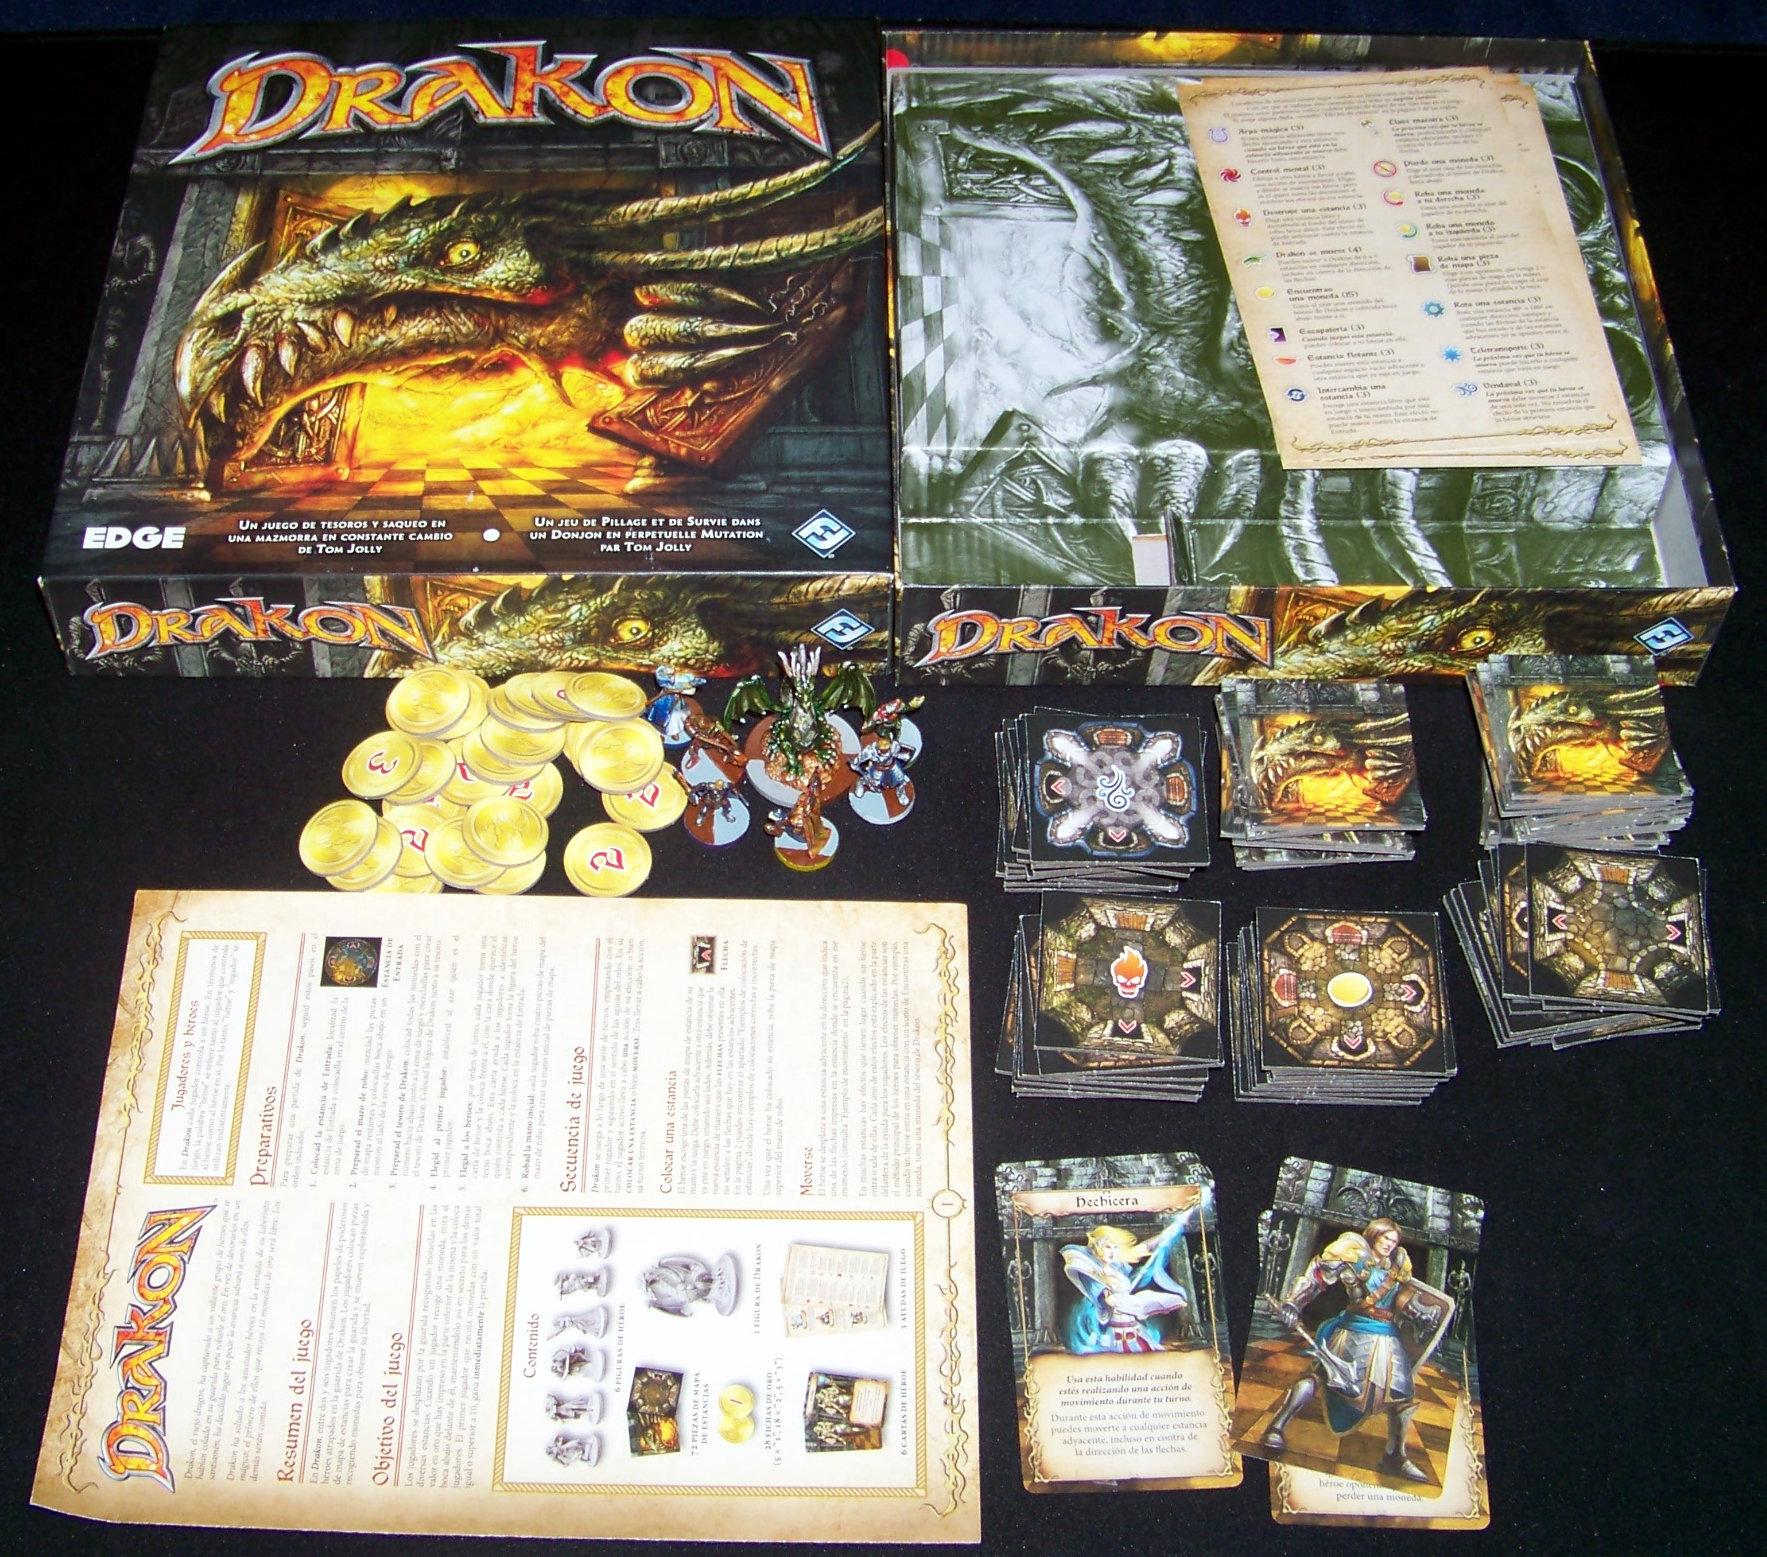 Juego de mesa Drakon - Contenido